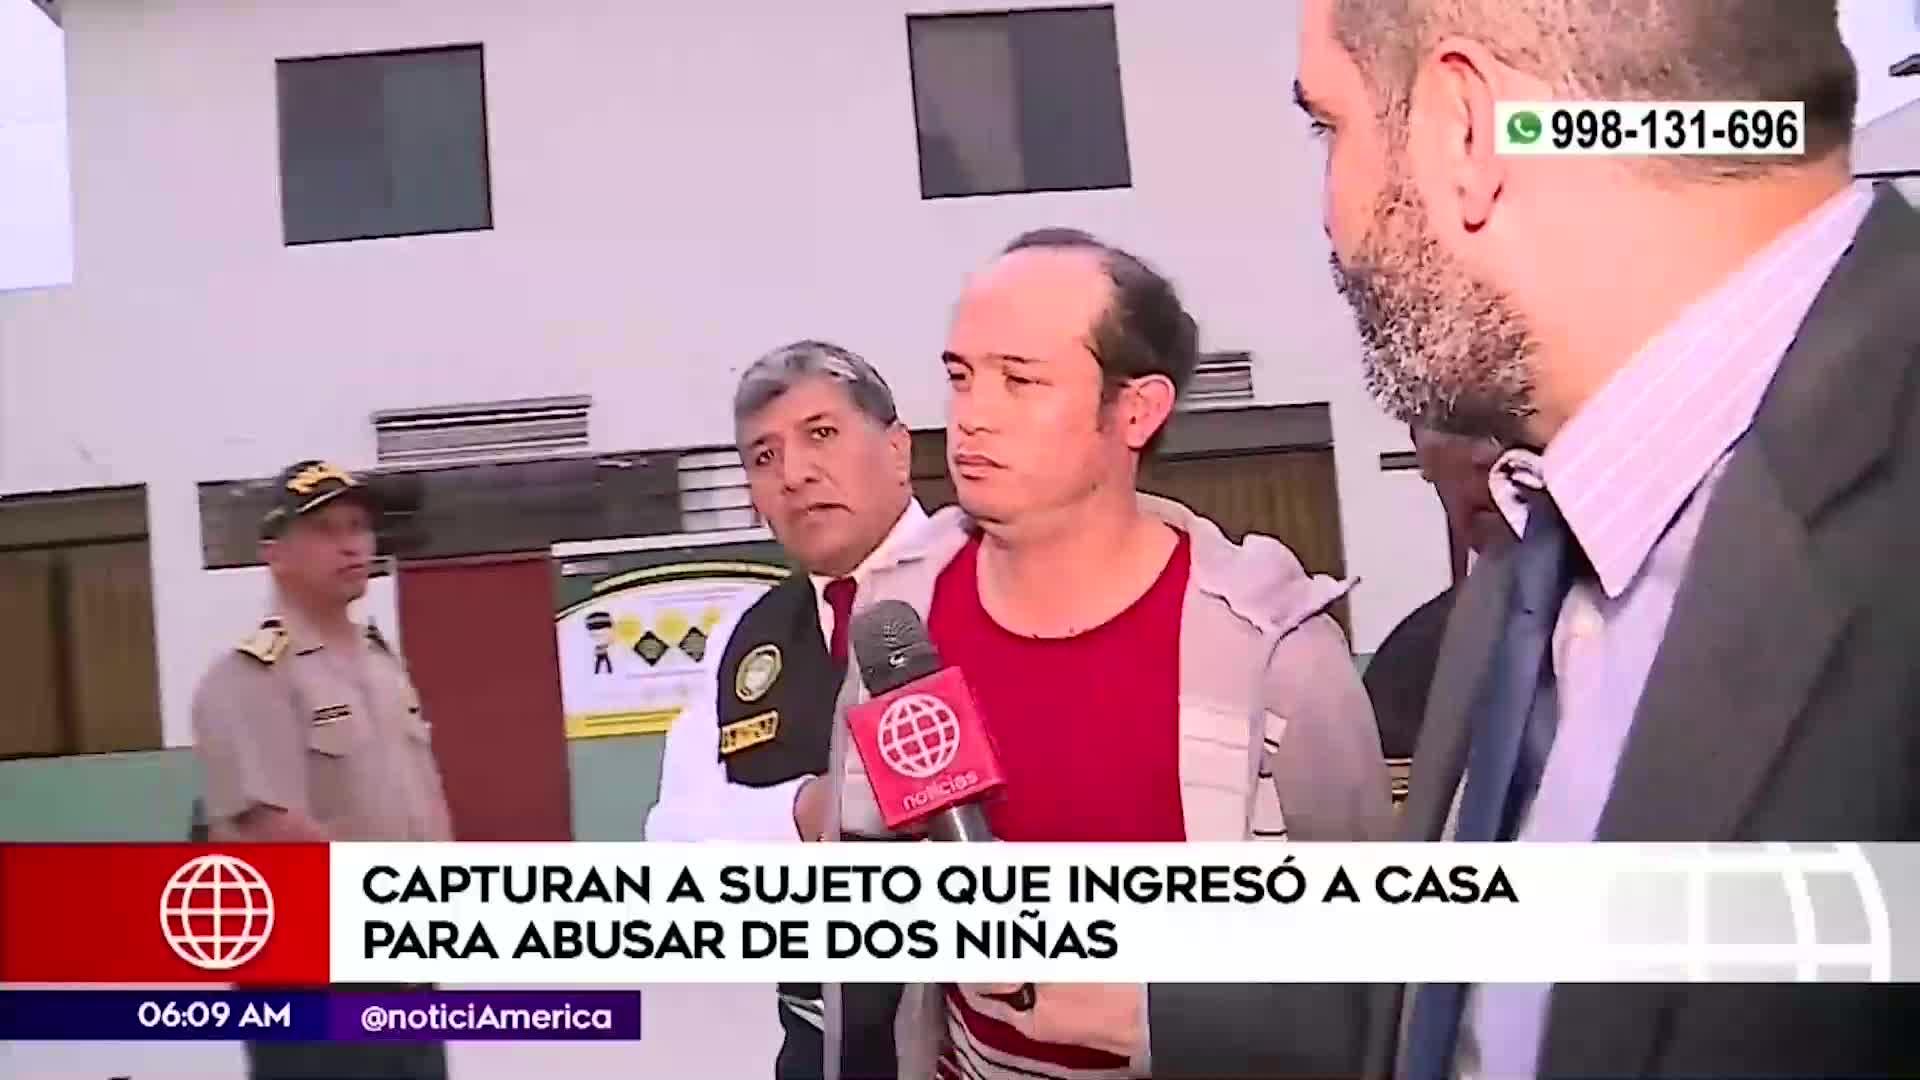 Los Olivos: Capturan a sujeto que ingresó a vivienda de dos niñas para abusar de ellas